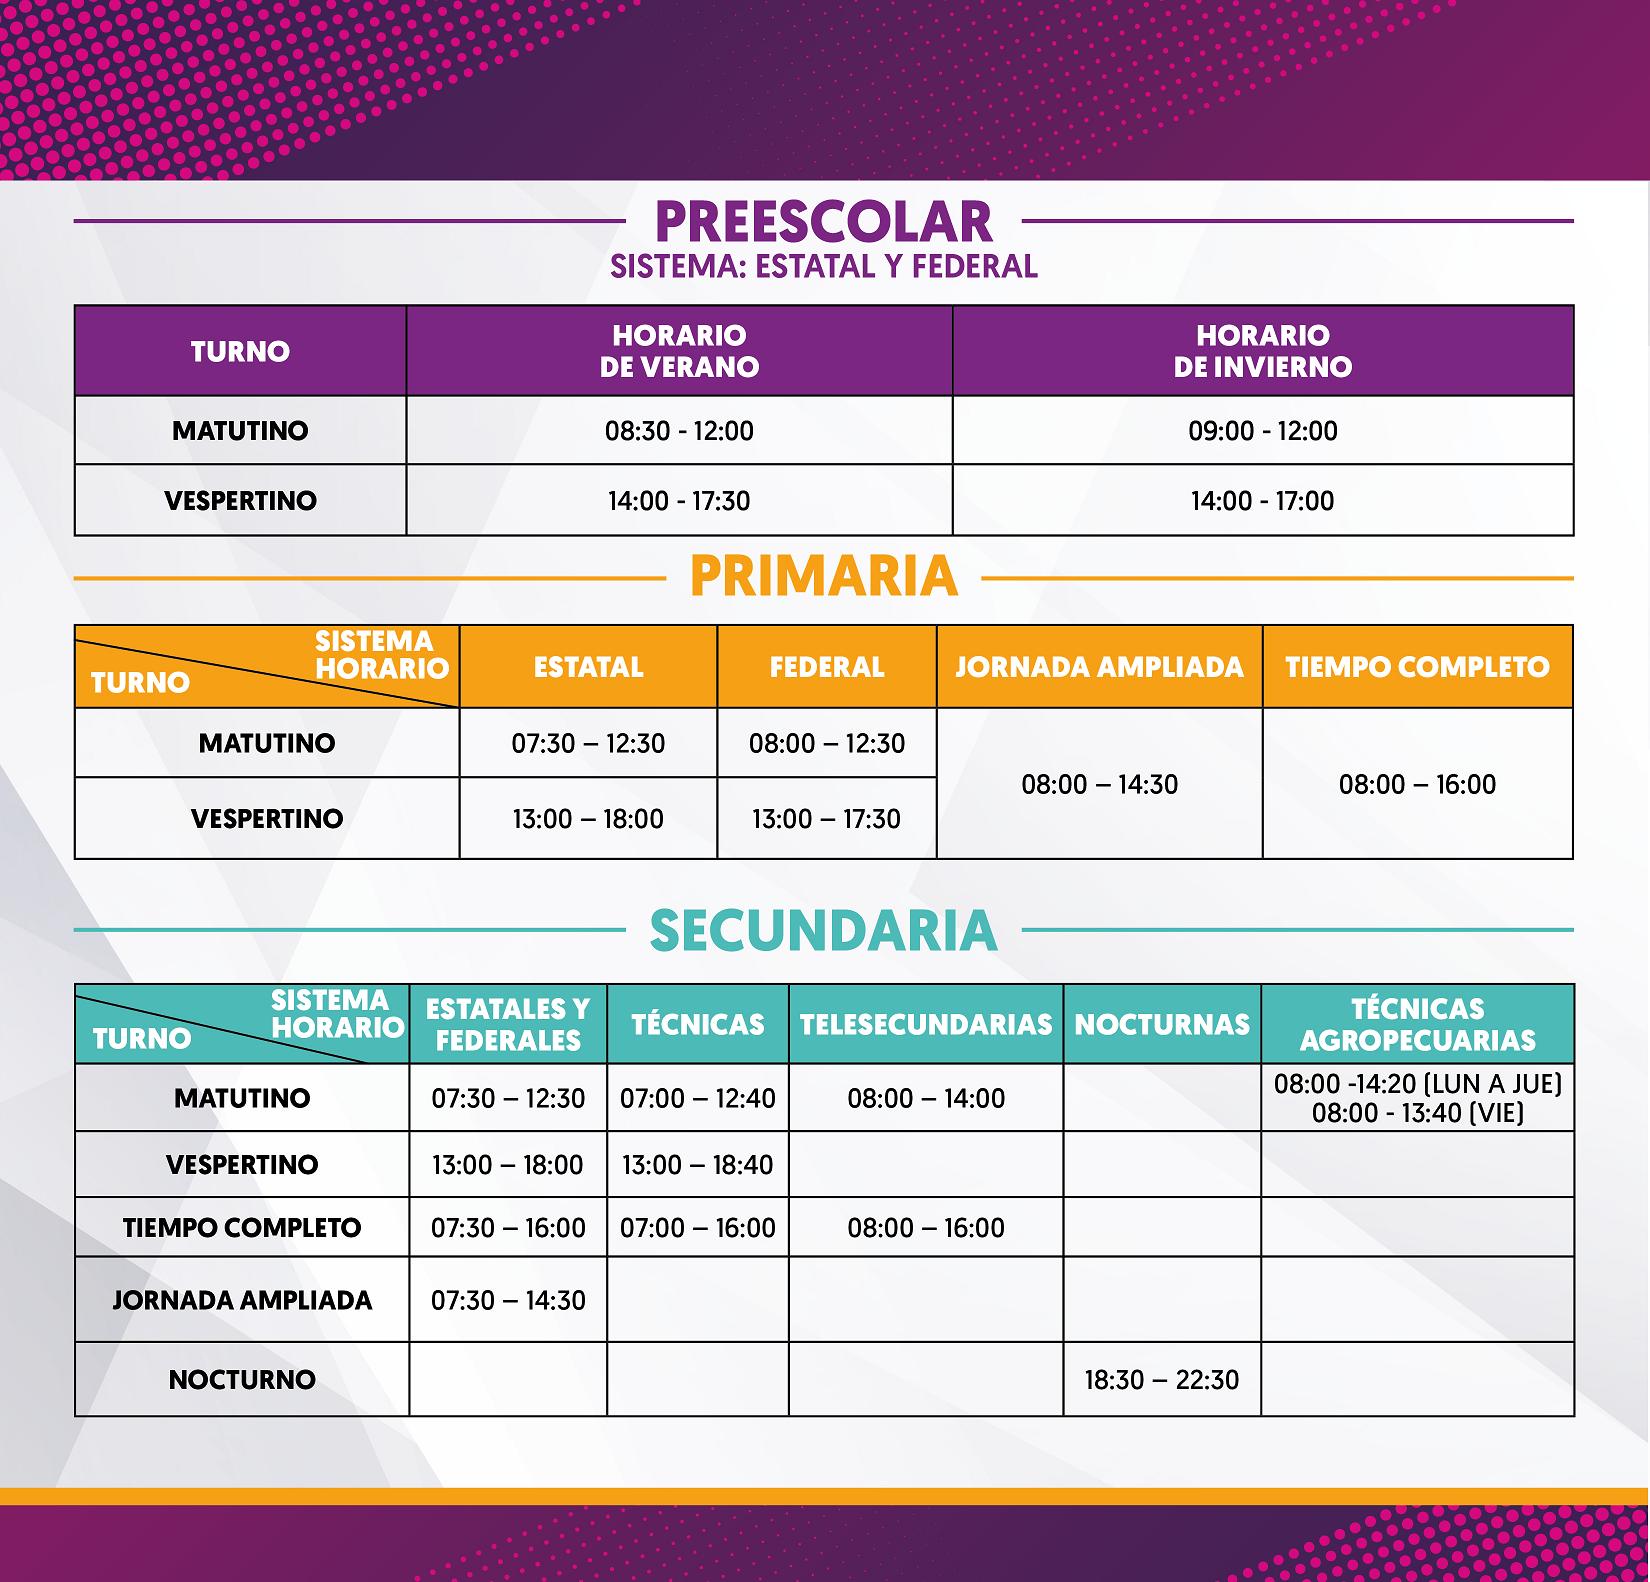 Calendario Escolar 2020 Las Palmas.Horarios Para Las Escuelas De Nuevo Leon Nl Gob Mx